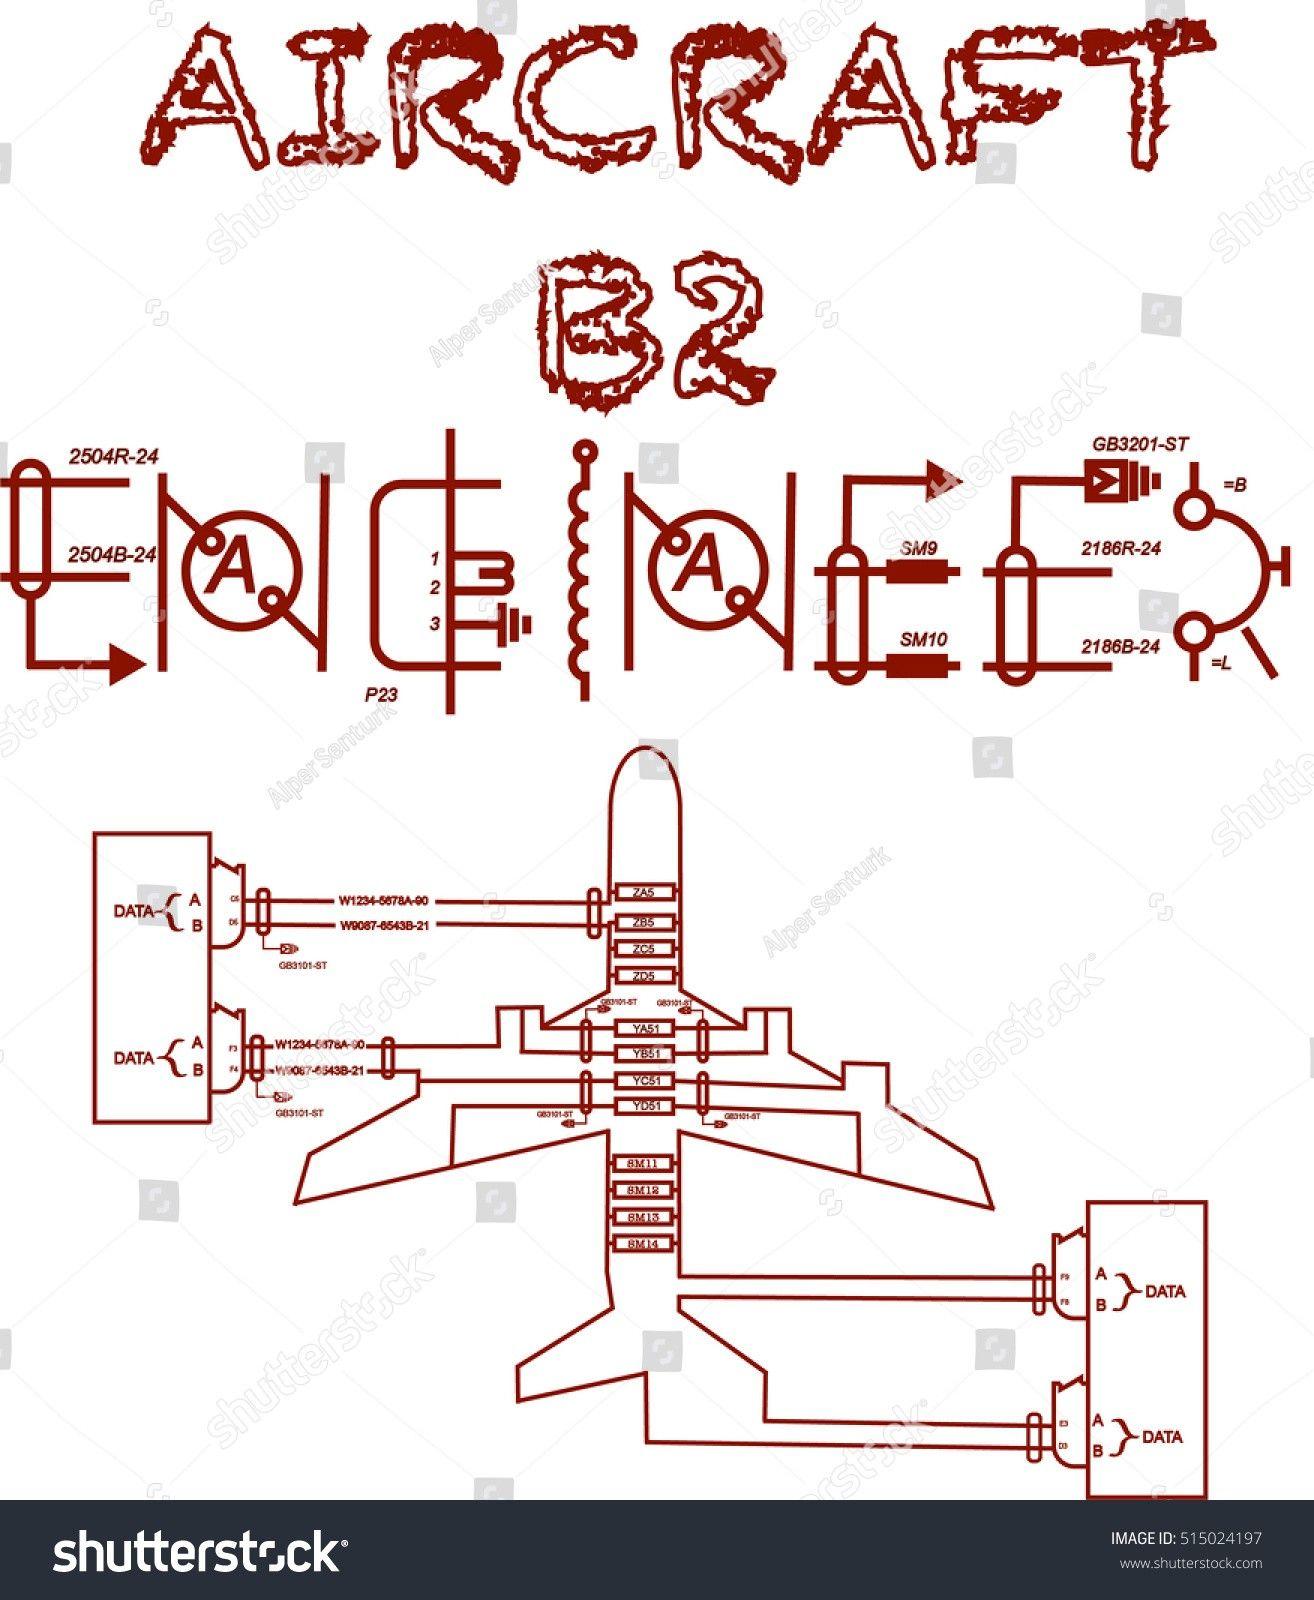 New Aircraft Headset Wiring Diagram Diagram Diagramtemplate Diagramsample